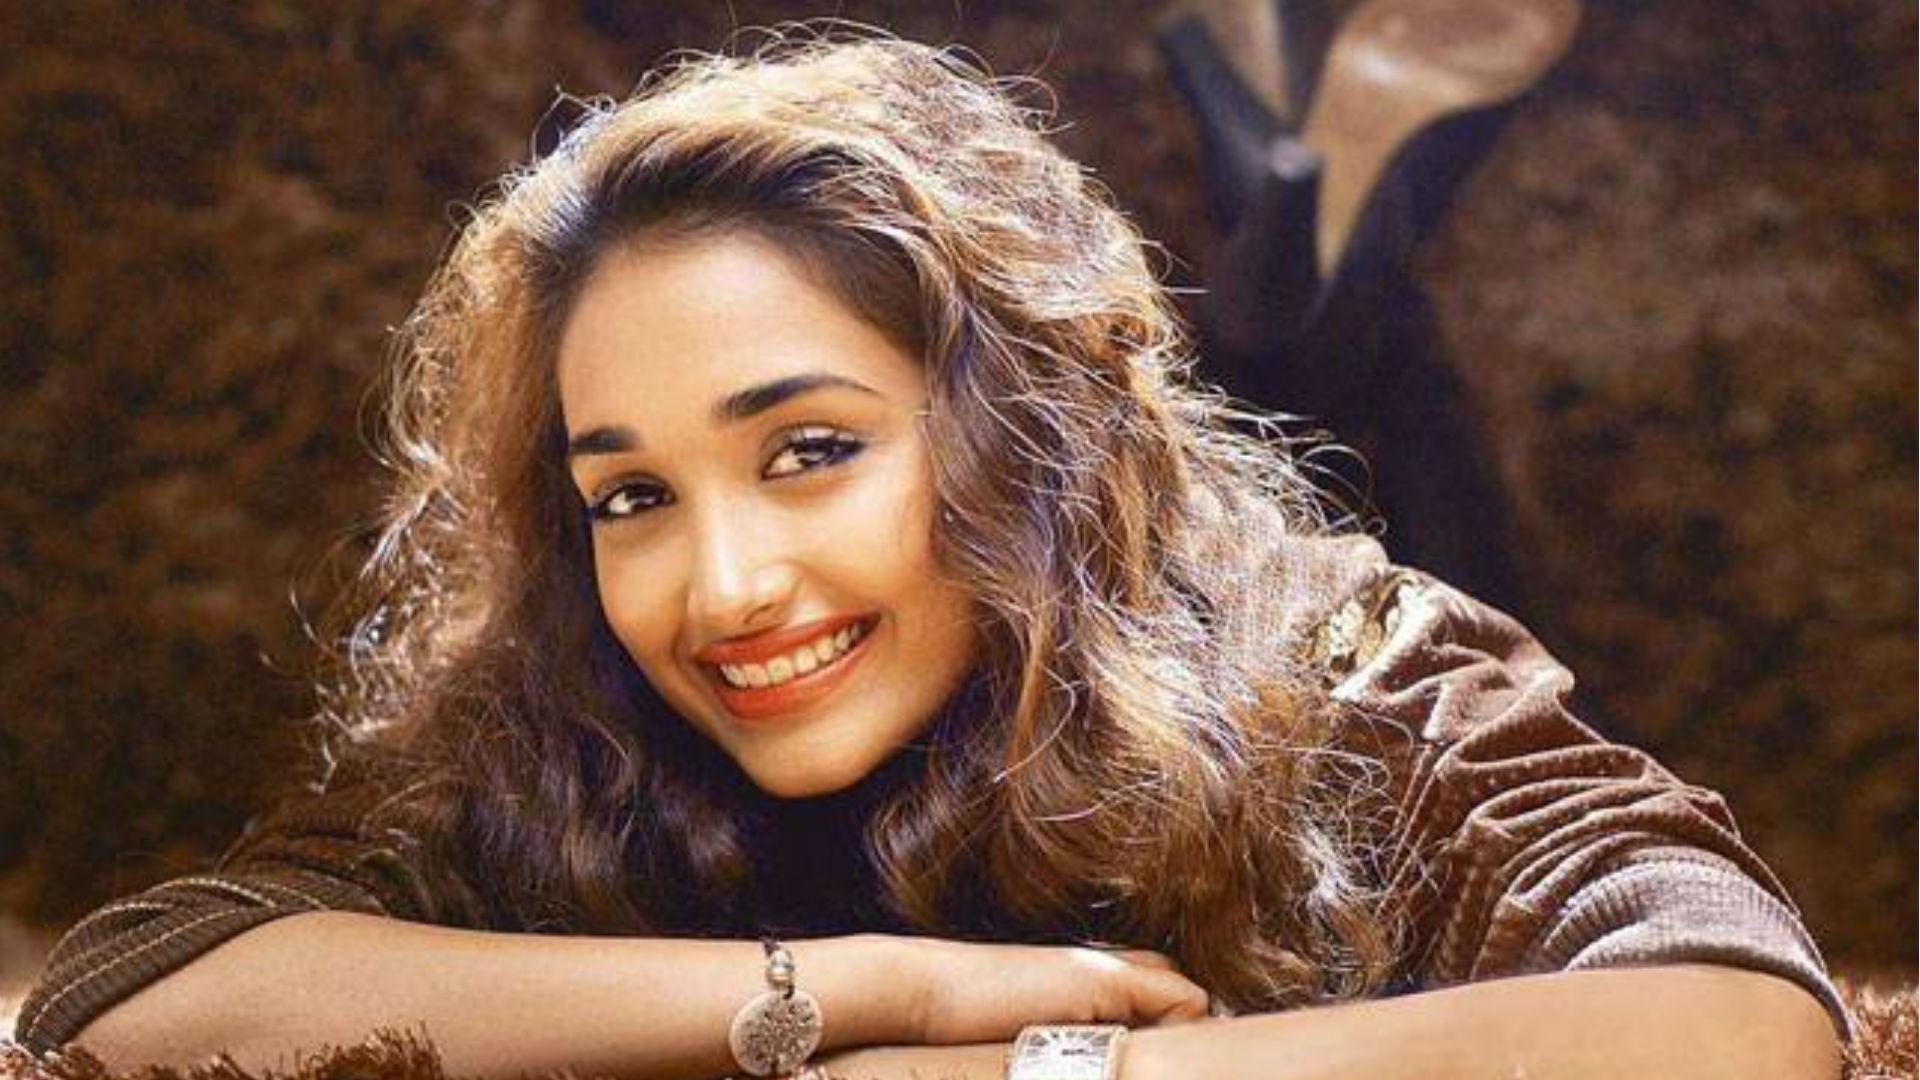 जिया खान ने सुसाइड से पहले कराया था अबॉर्शन! आज भी रहस्य है बॉलीवुड की इस एक्ट्रेस की मौत